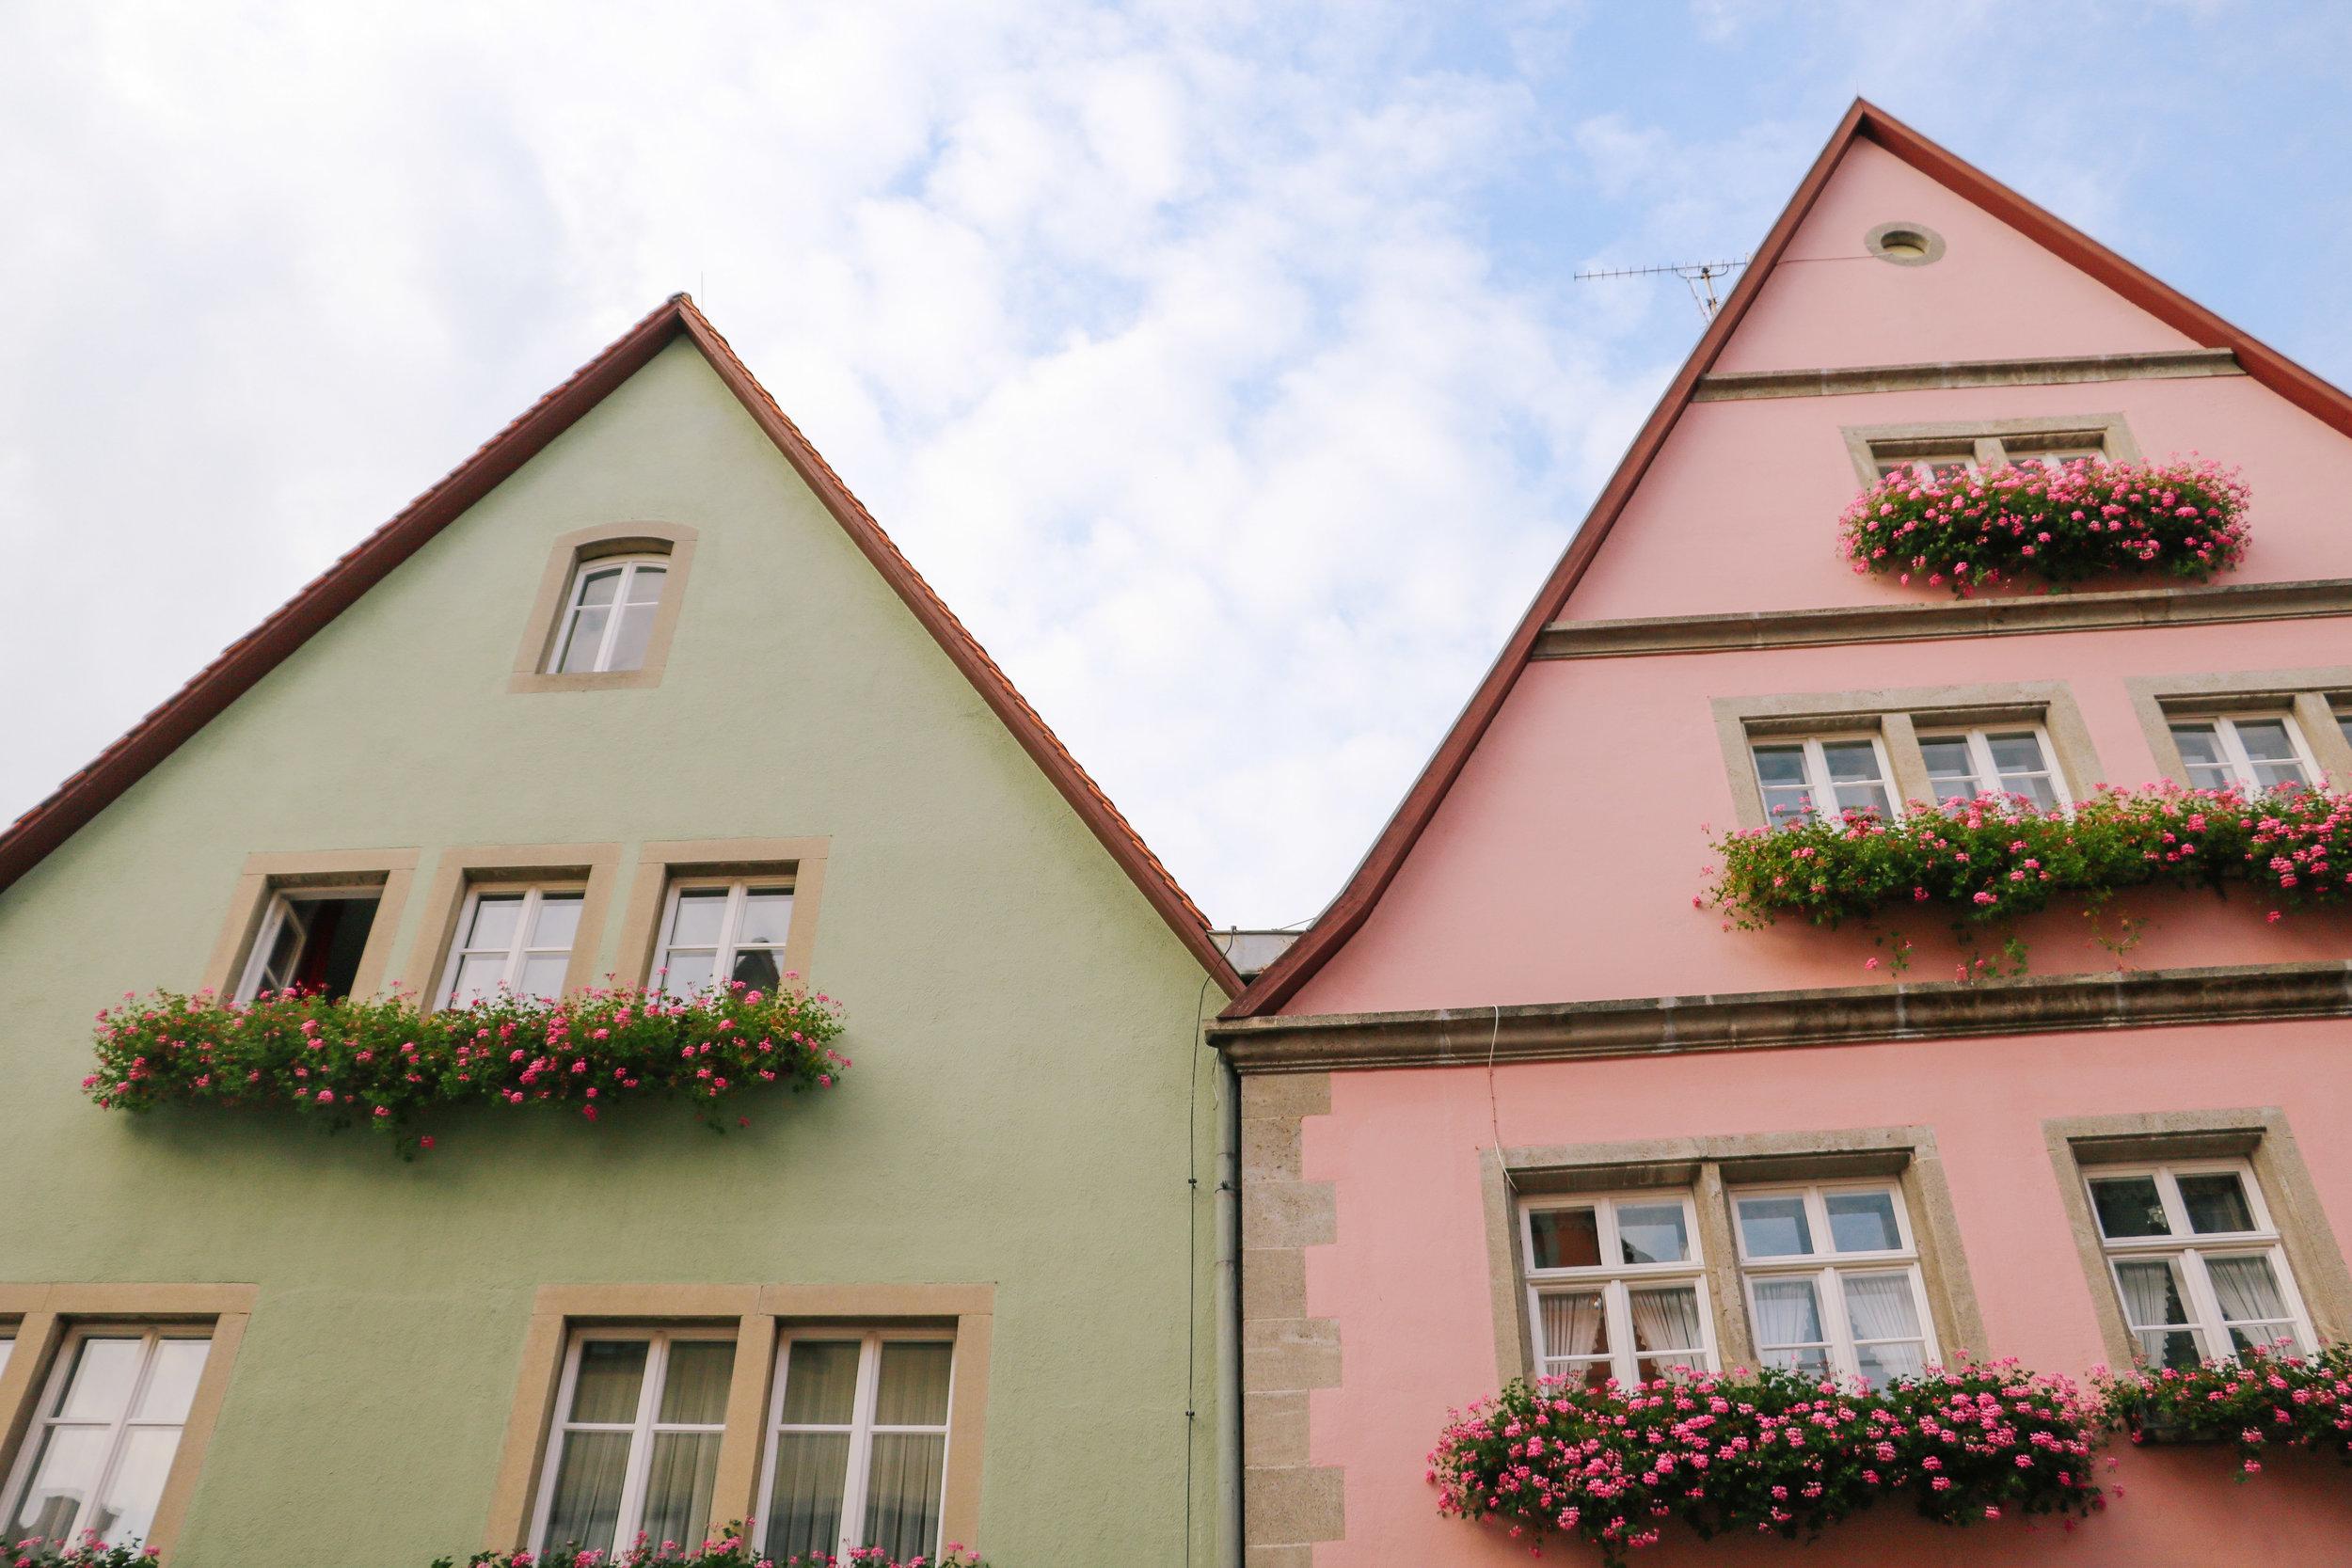 Guide to Rothenburg ob der Tauber